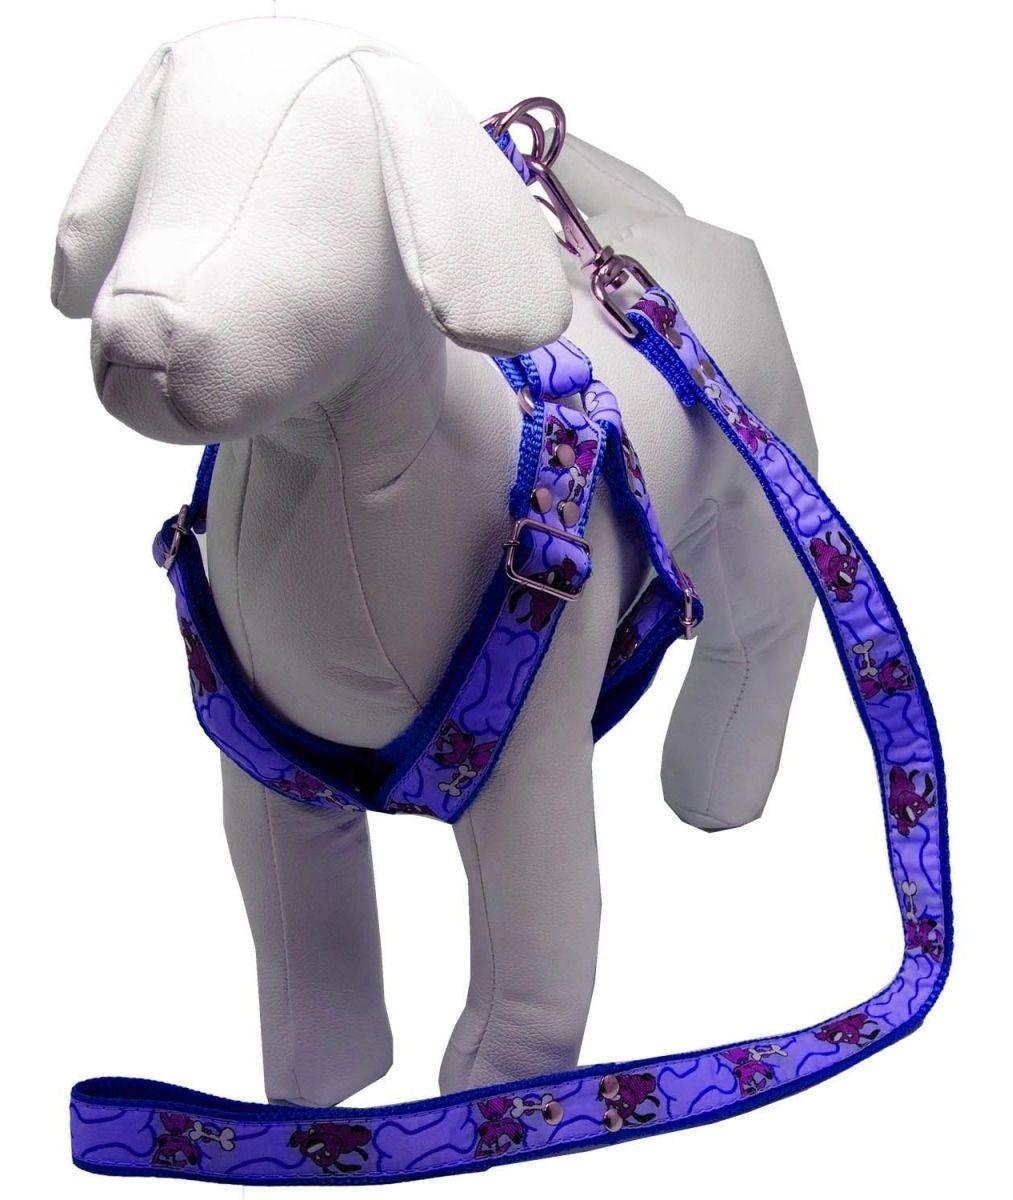 Coleira Peitoral Cachorro Guia Adaptador Cinto Segurança Tamanho P - Cor Azul